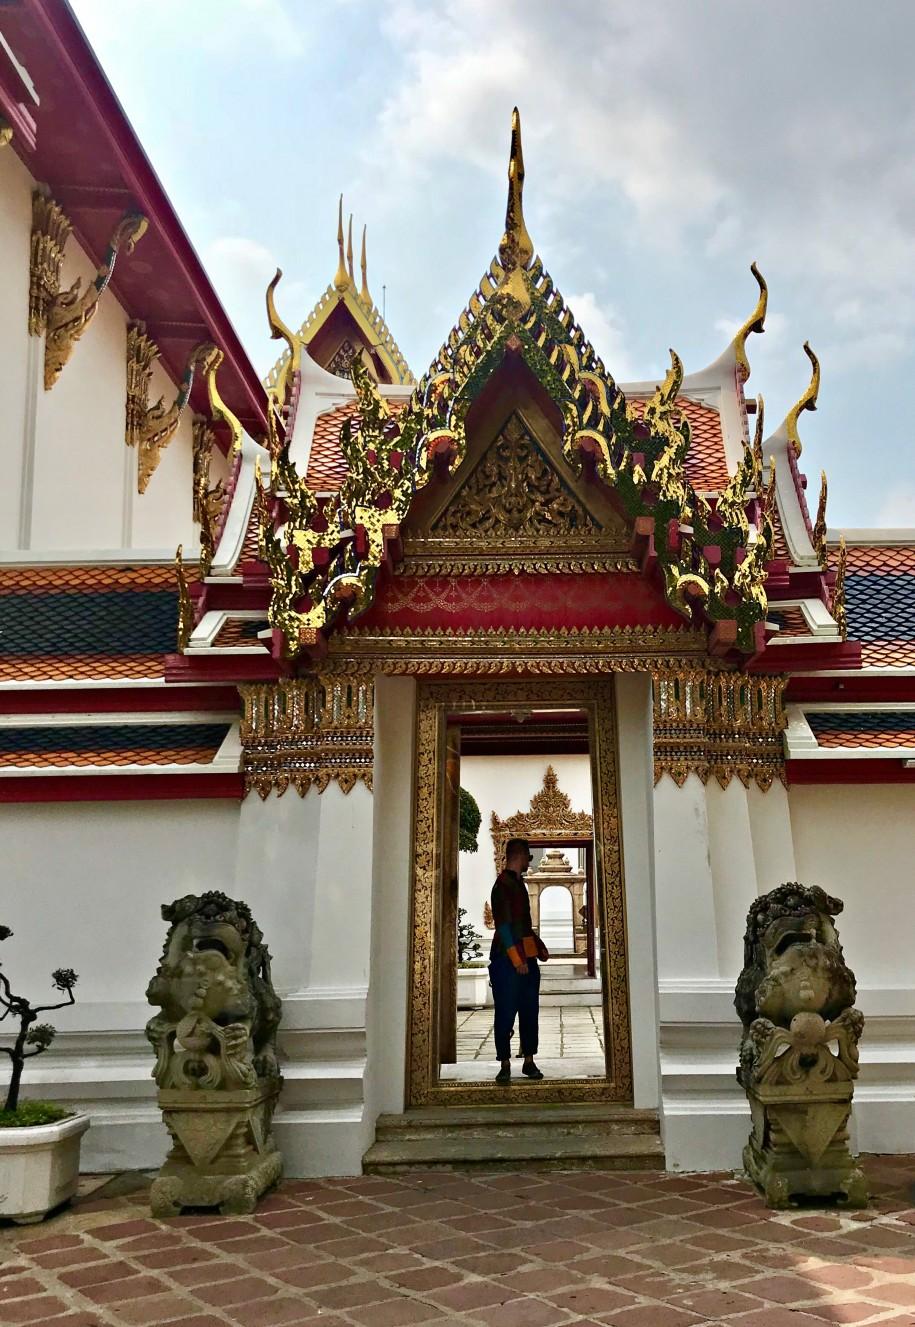 Ovidiu Muresanu Bangkok 7